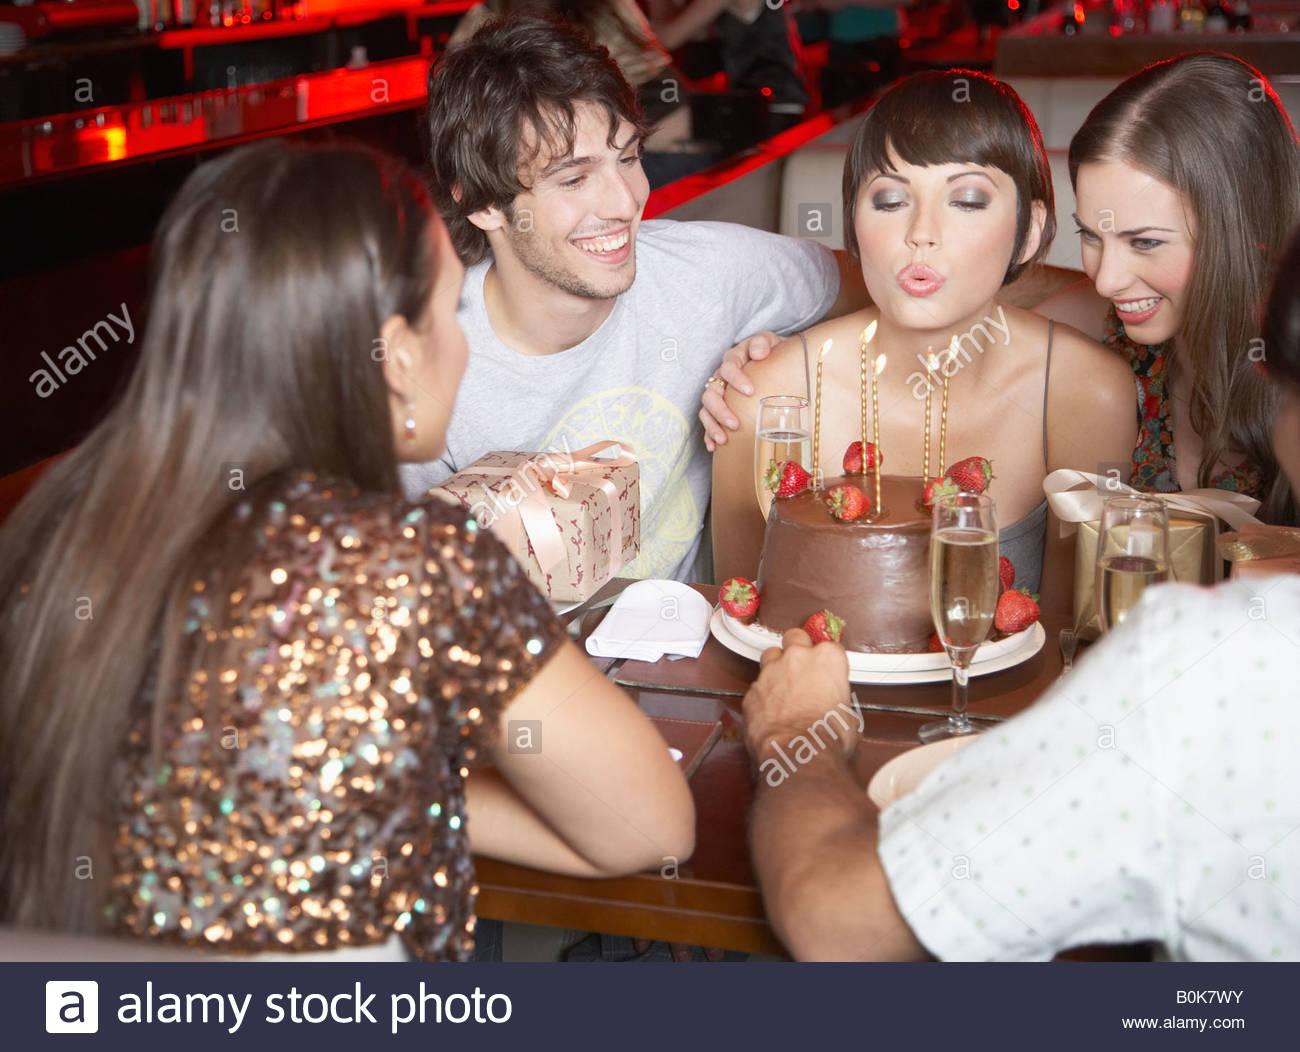 fünf Menschen, die Spaß und lächelnd auf einer Geburtstagsfeier in einem restaurant Stockbild